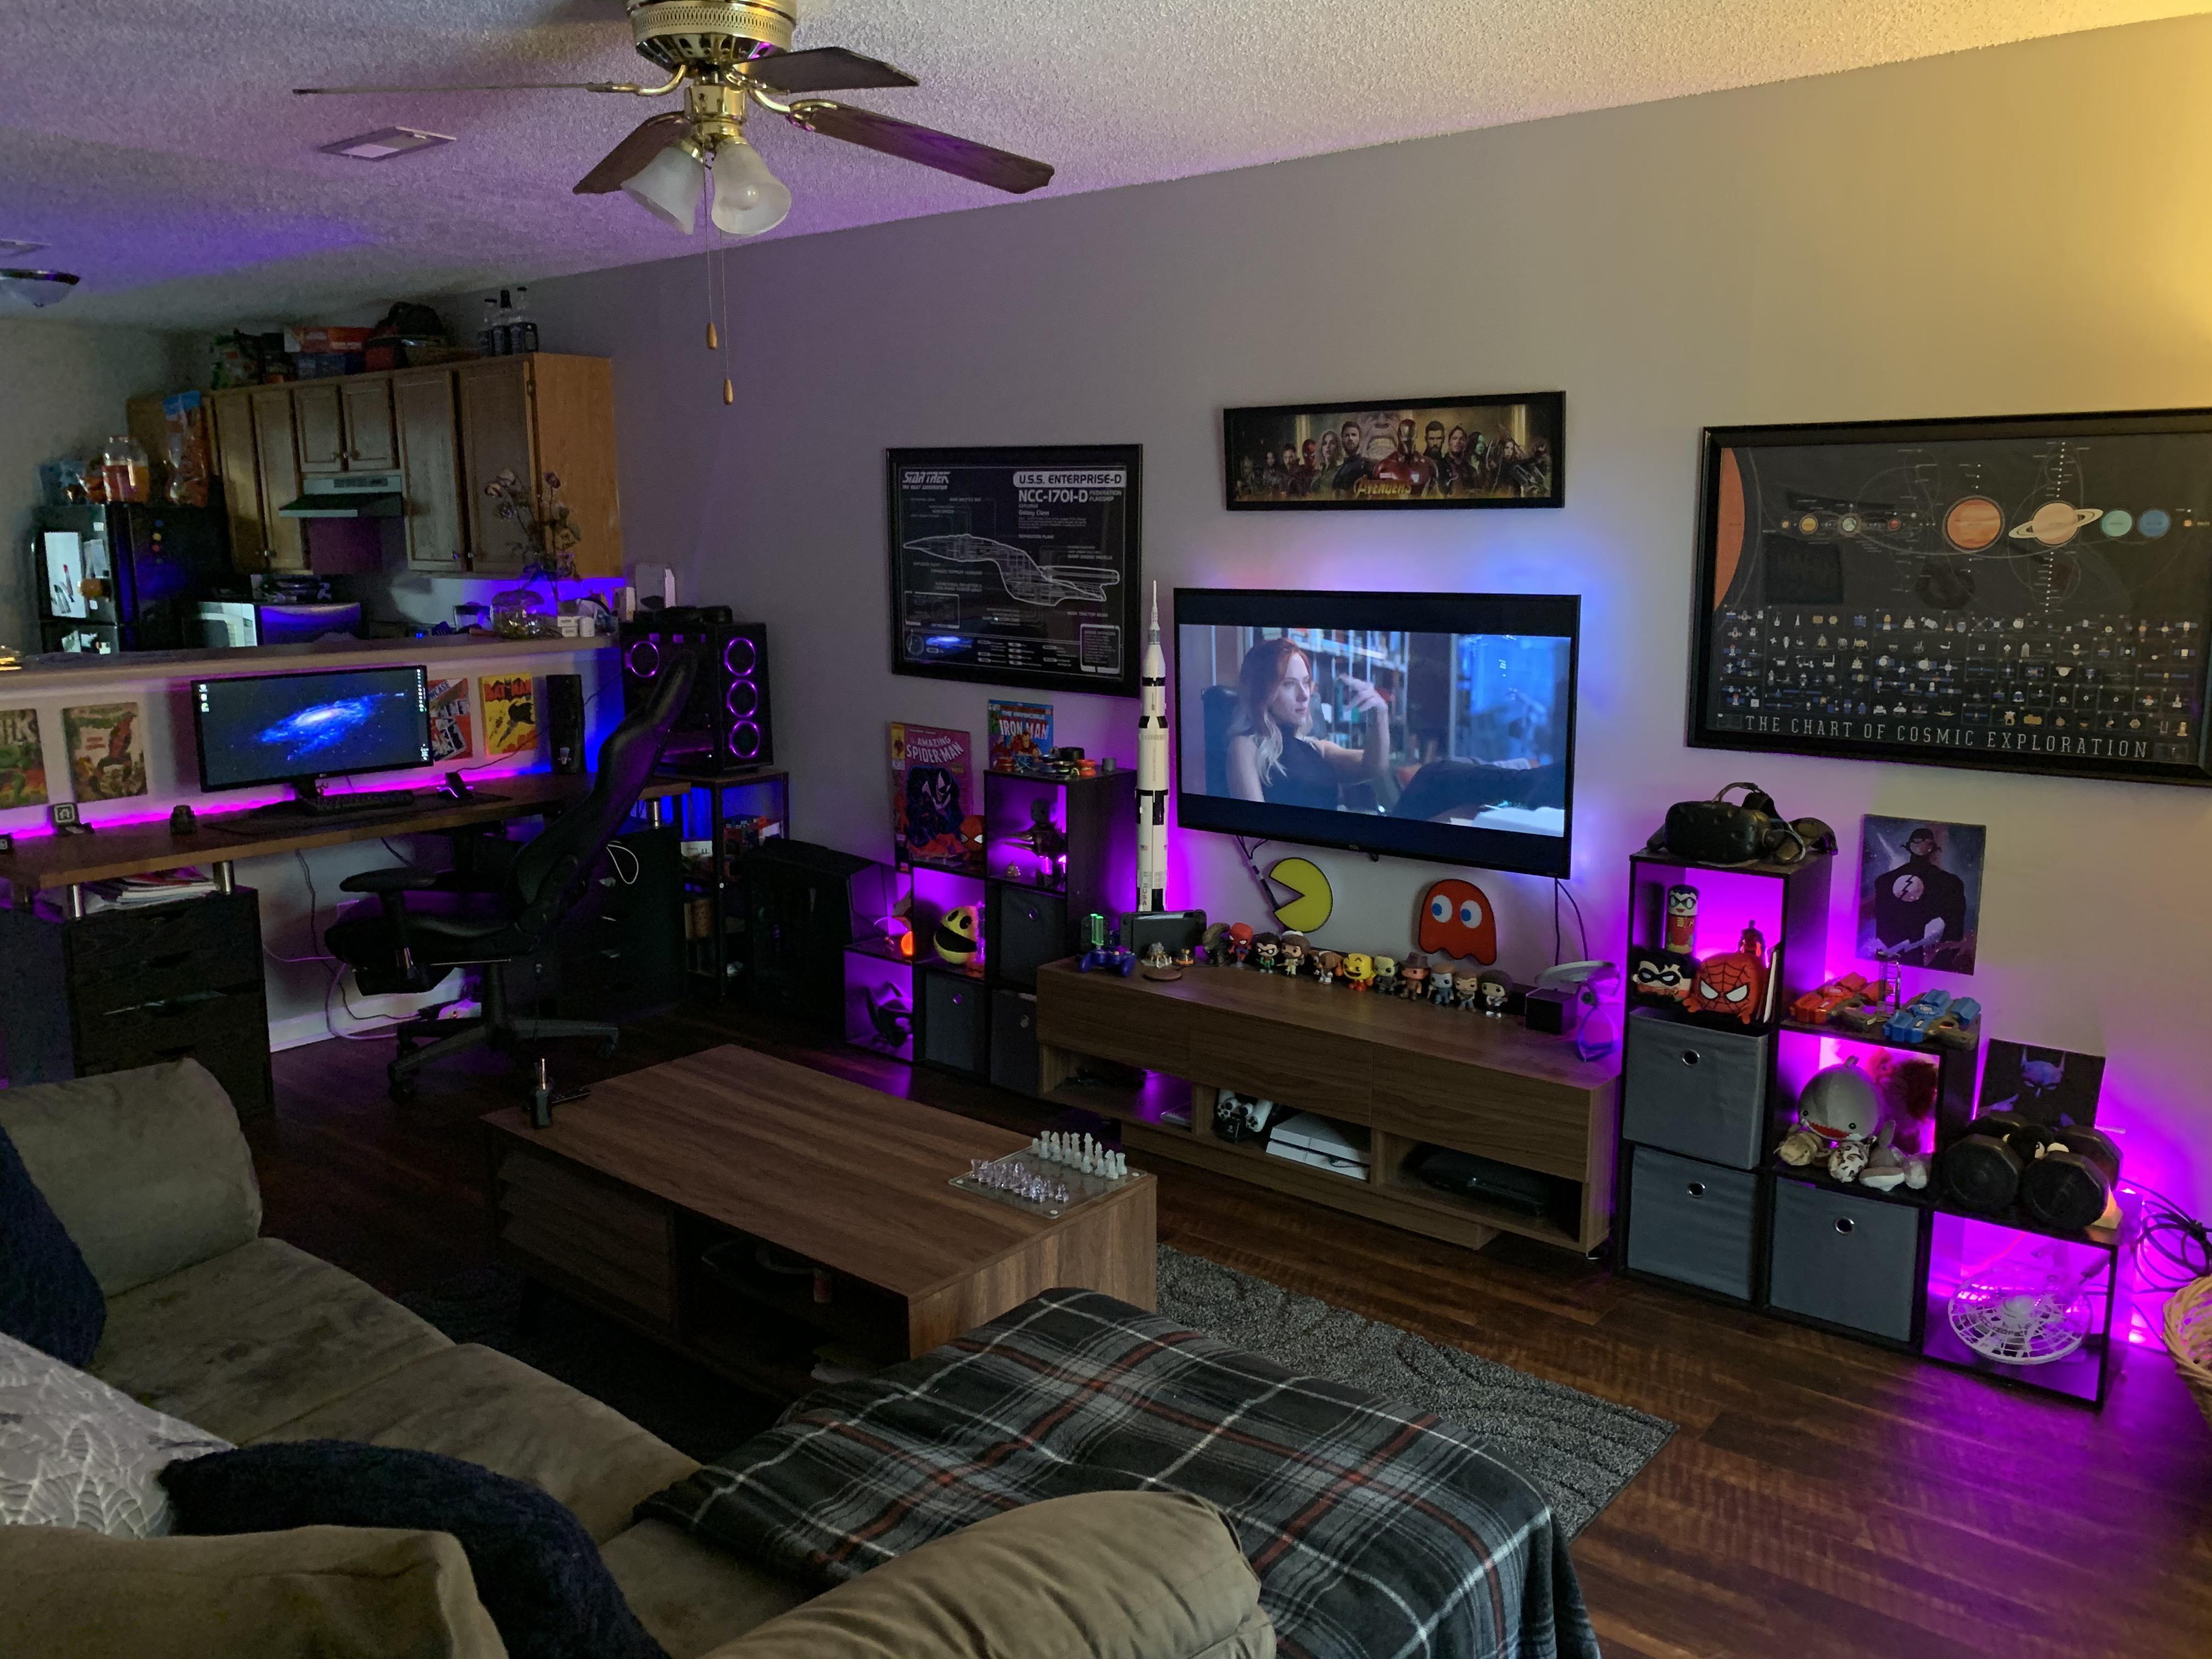 My Living Room Battle Station Living Room Setup Video Game Room Design Game Room Kids